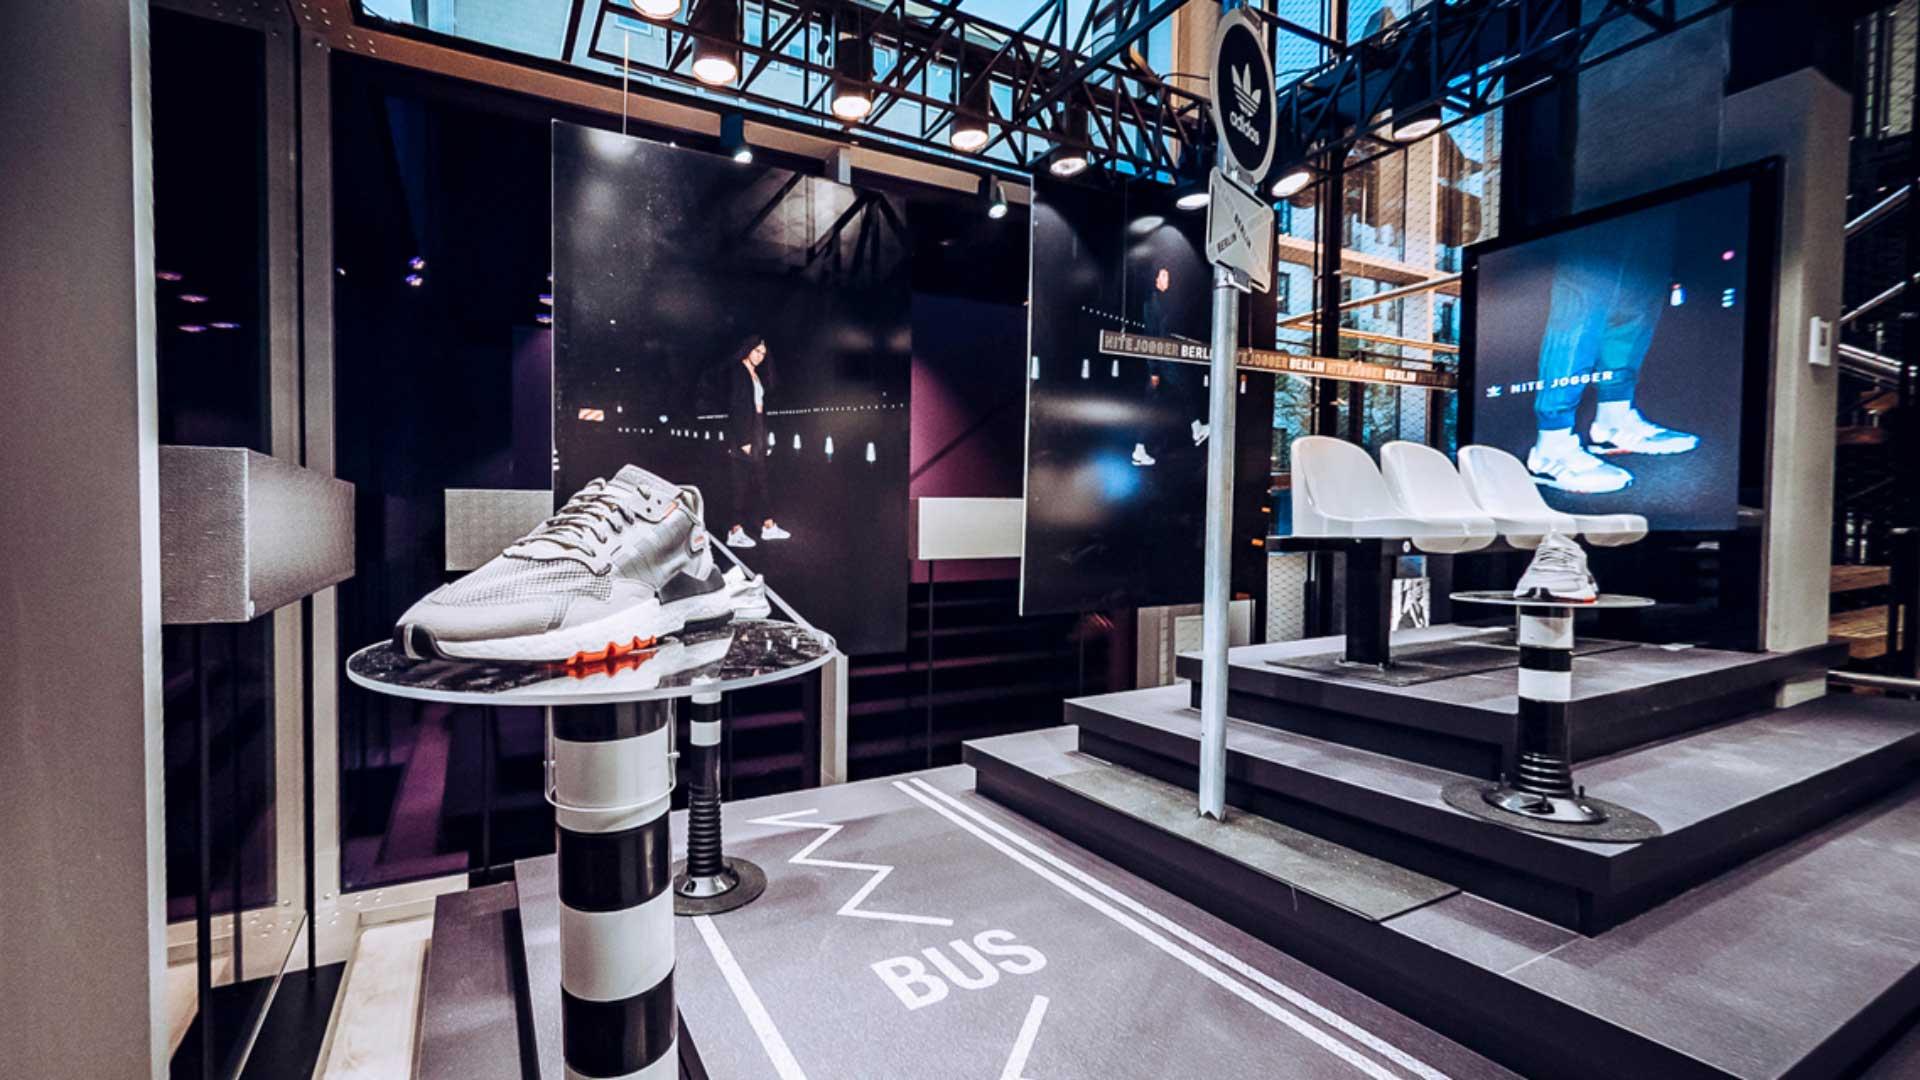 LIGANOVA | Adidas | POS Campaign – Nite Jogger